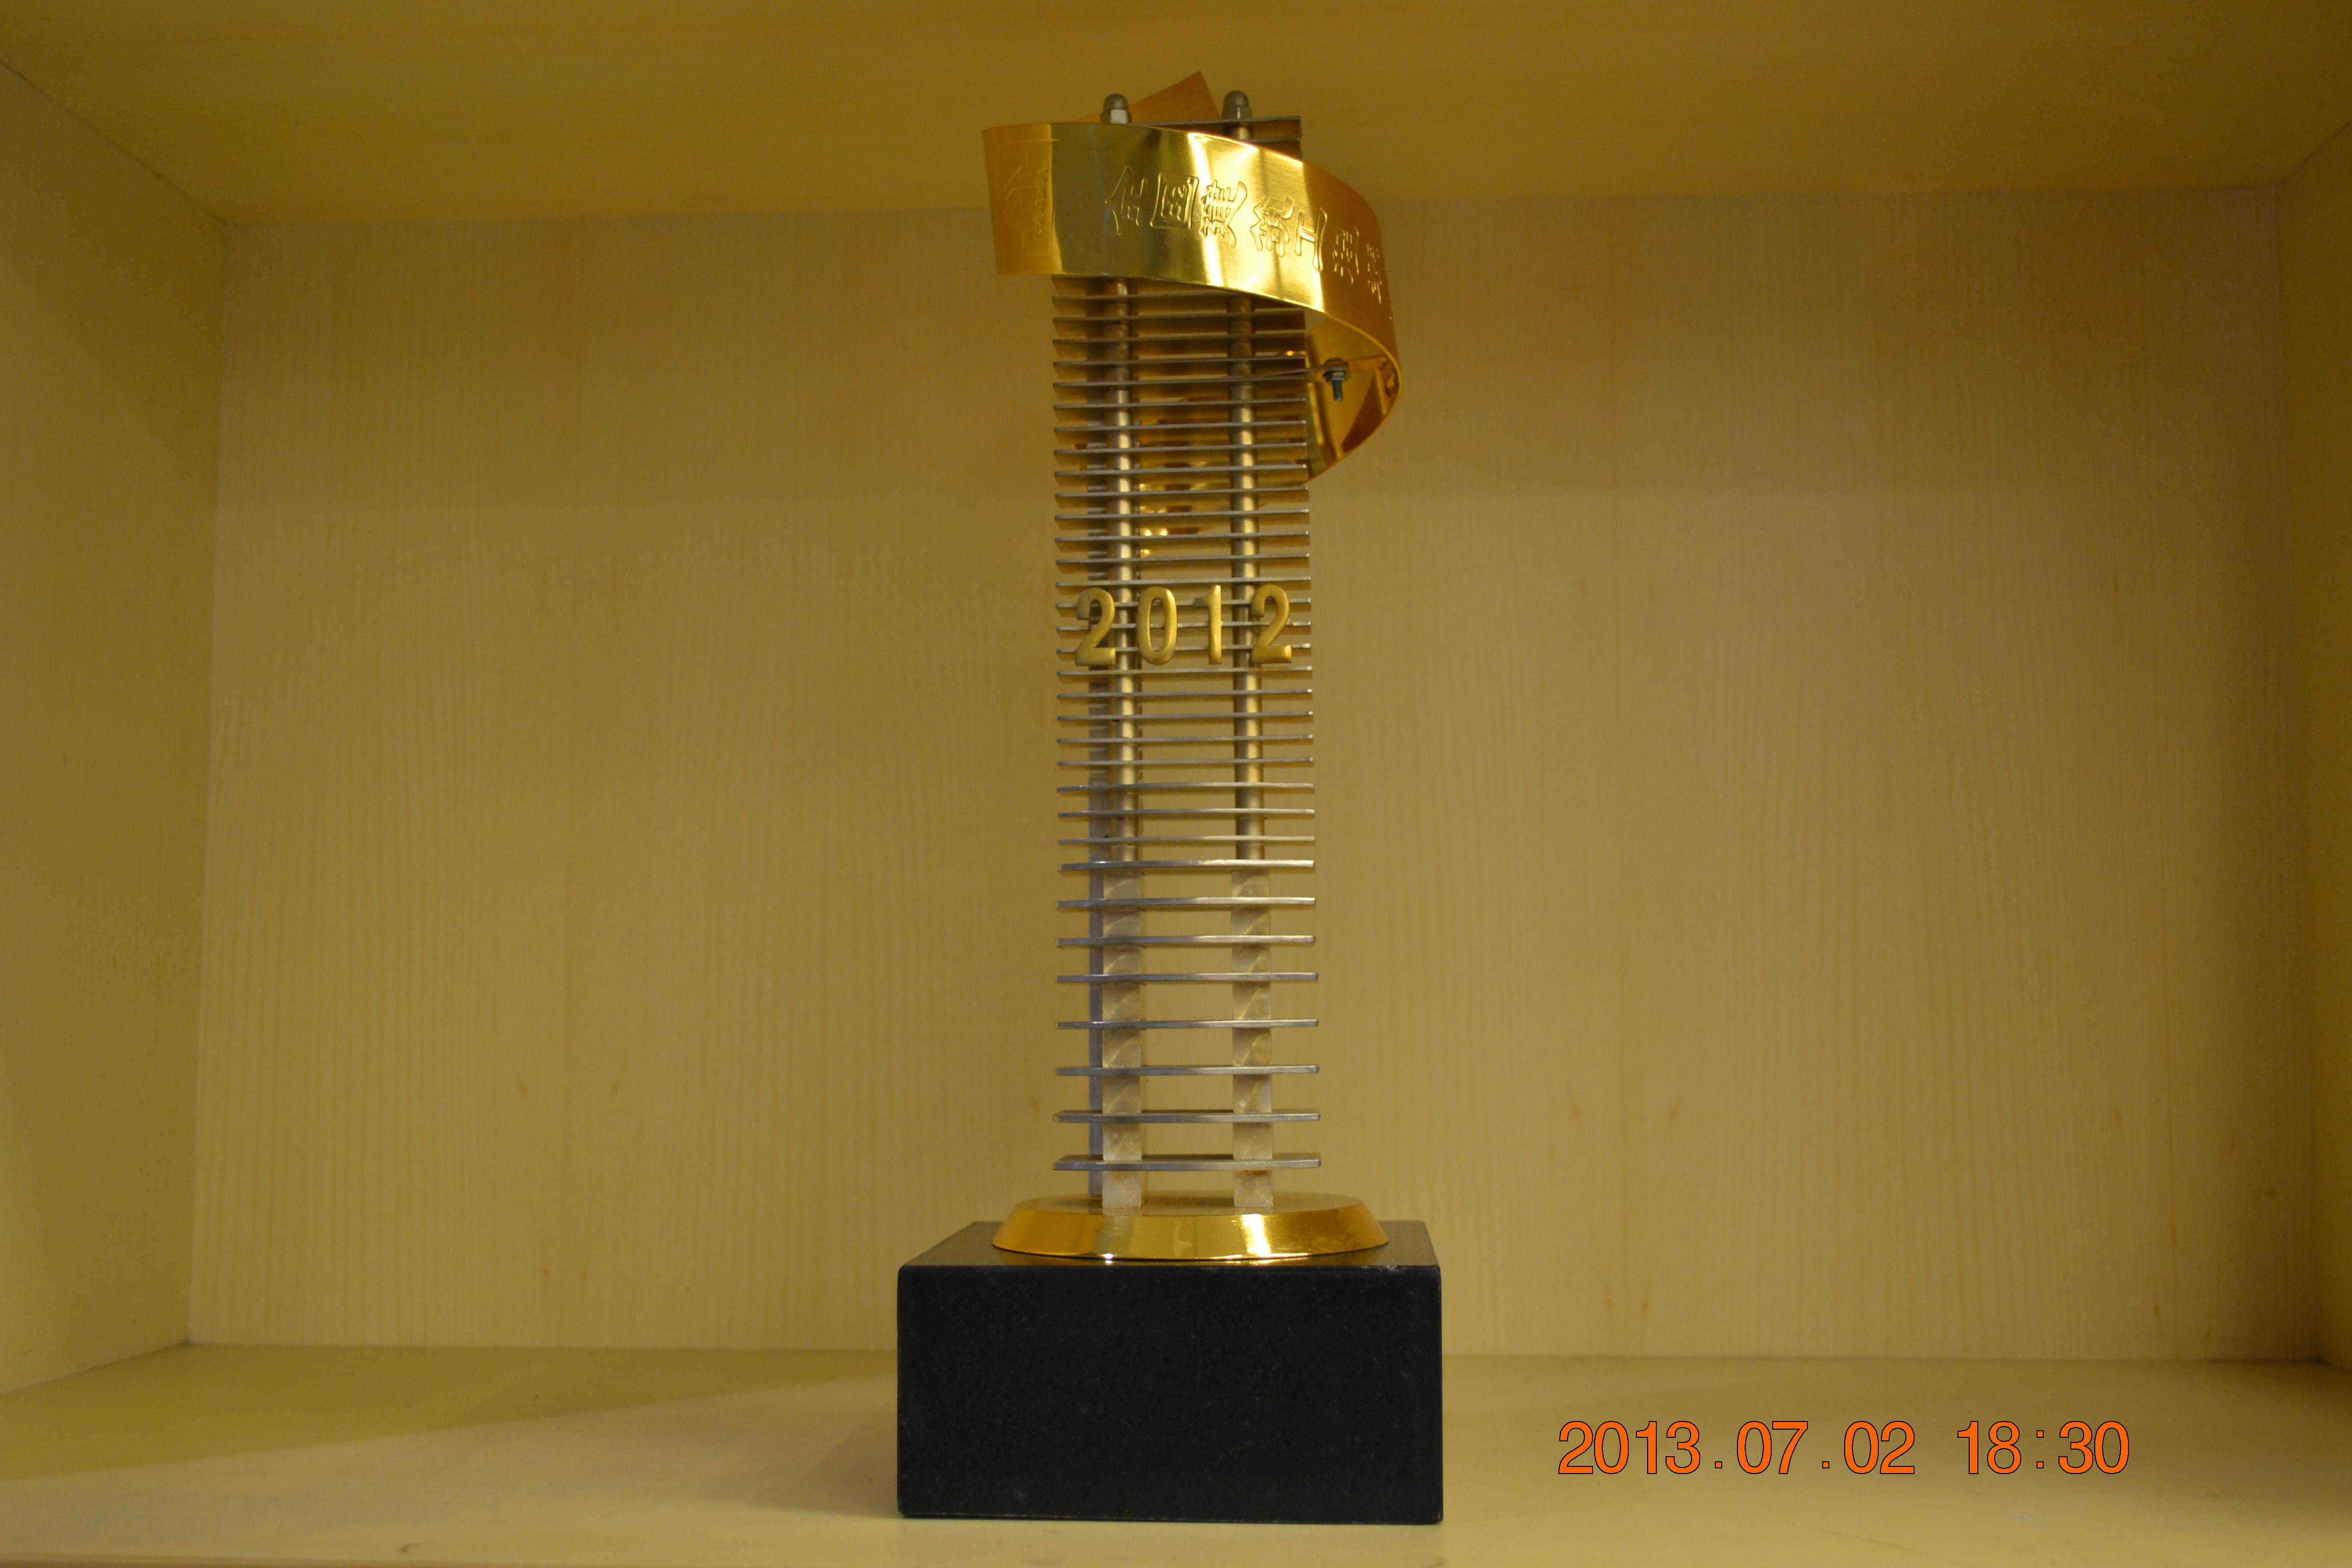 全(quan)國建築工(gong)程裝飾獎